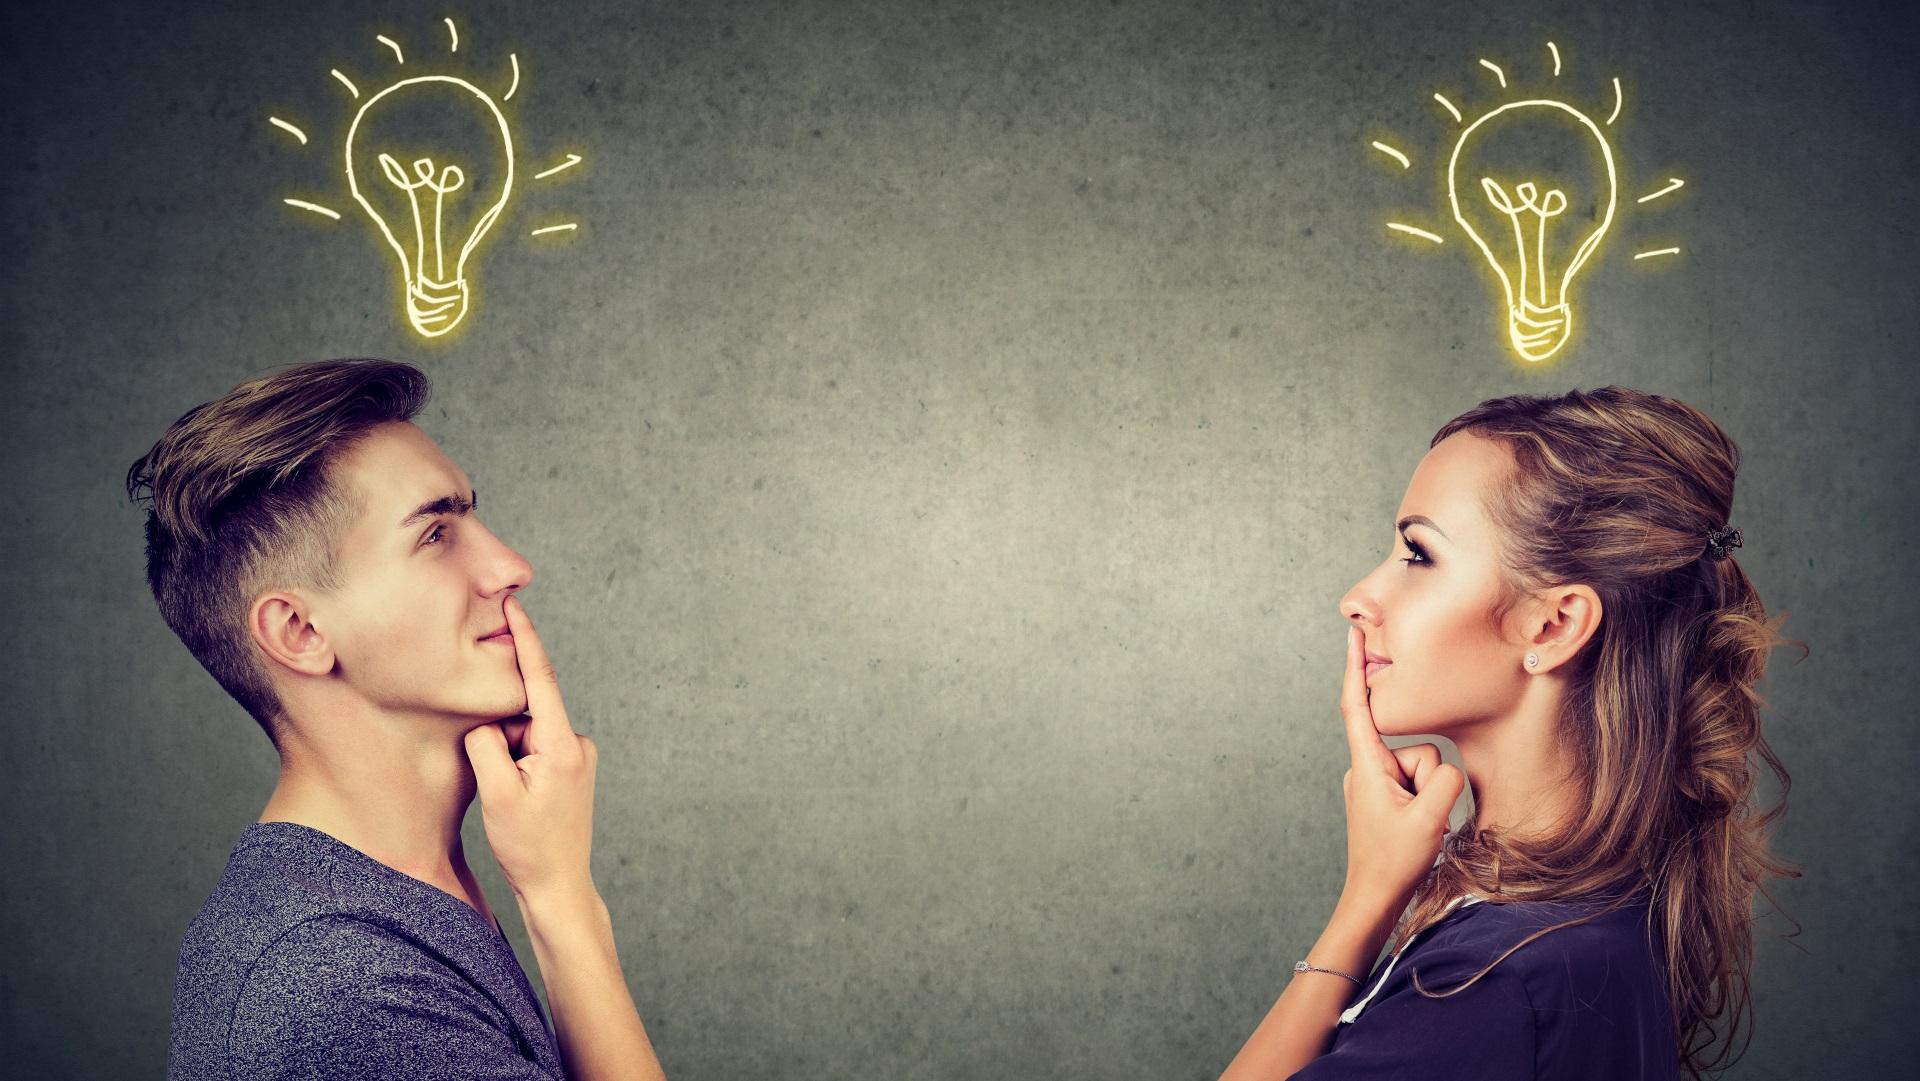 Два от най-високите документирани коефициенти на интелигентност принадлежат на жени.